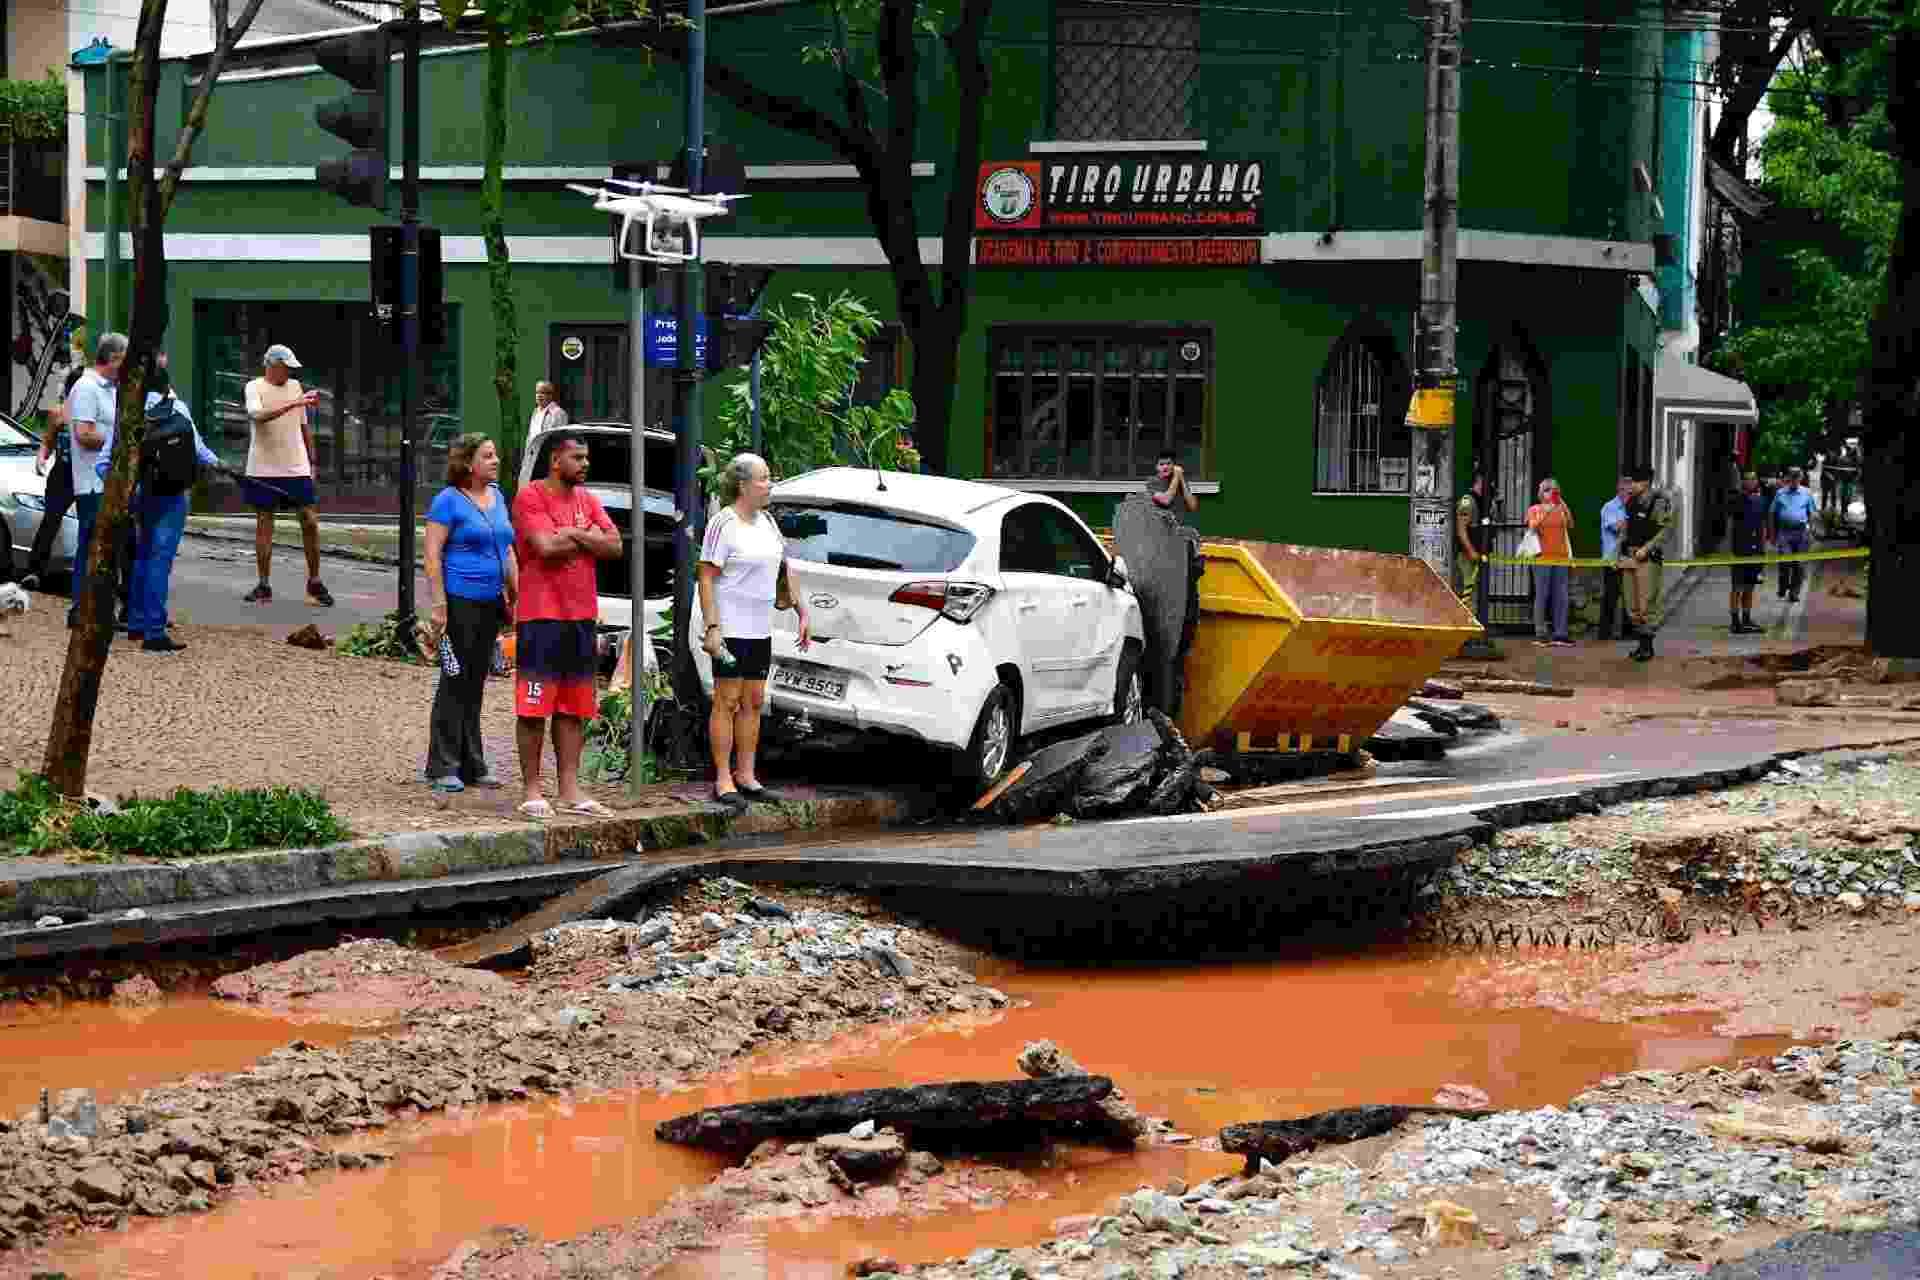 29.jan.2020 - Carros danificados, ruas esburacadas e cobertas de lama após chuva causar alagamento na região do bairro Lourdes, na cidade de Belo Horizonte. Diversos veículos foram arrastados na enchente - RAMON RICARDO/FUTURA PRESS/FUTURA PRESS/ESTADÃO CONTEÚDO